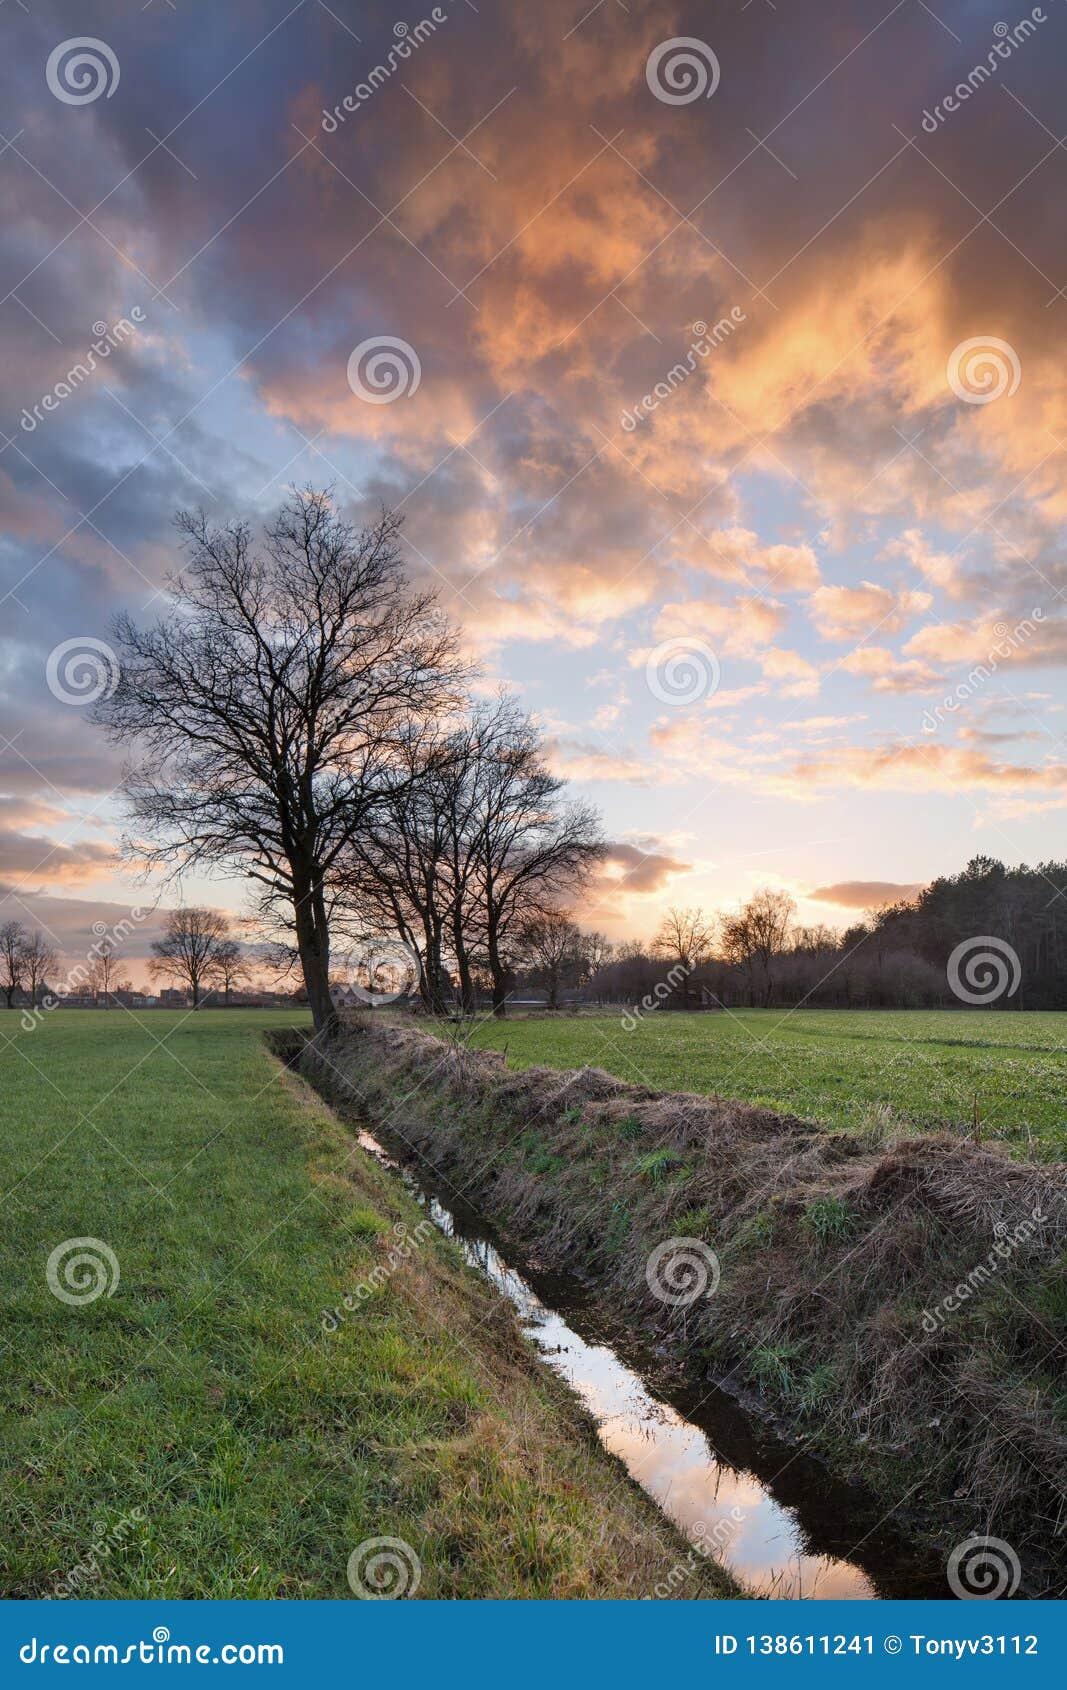 Сельский пейзаж, поле с деревьями около рва и красочный заход солнца с драматическими облаками, Weelde, Бельгия